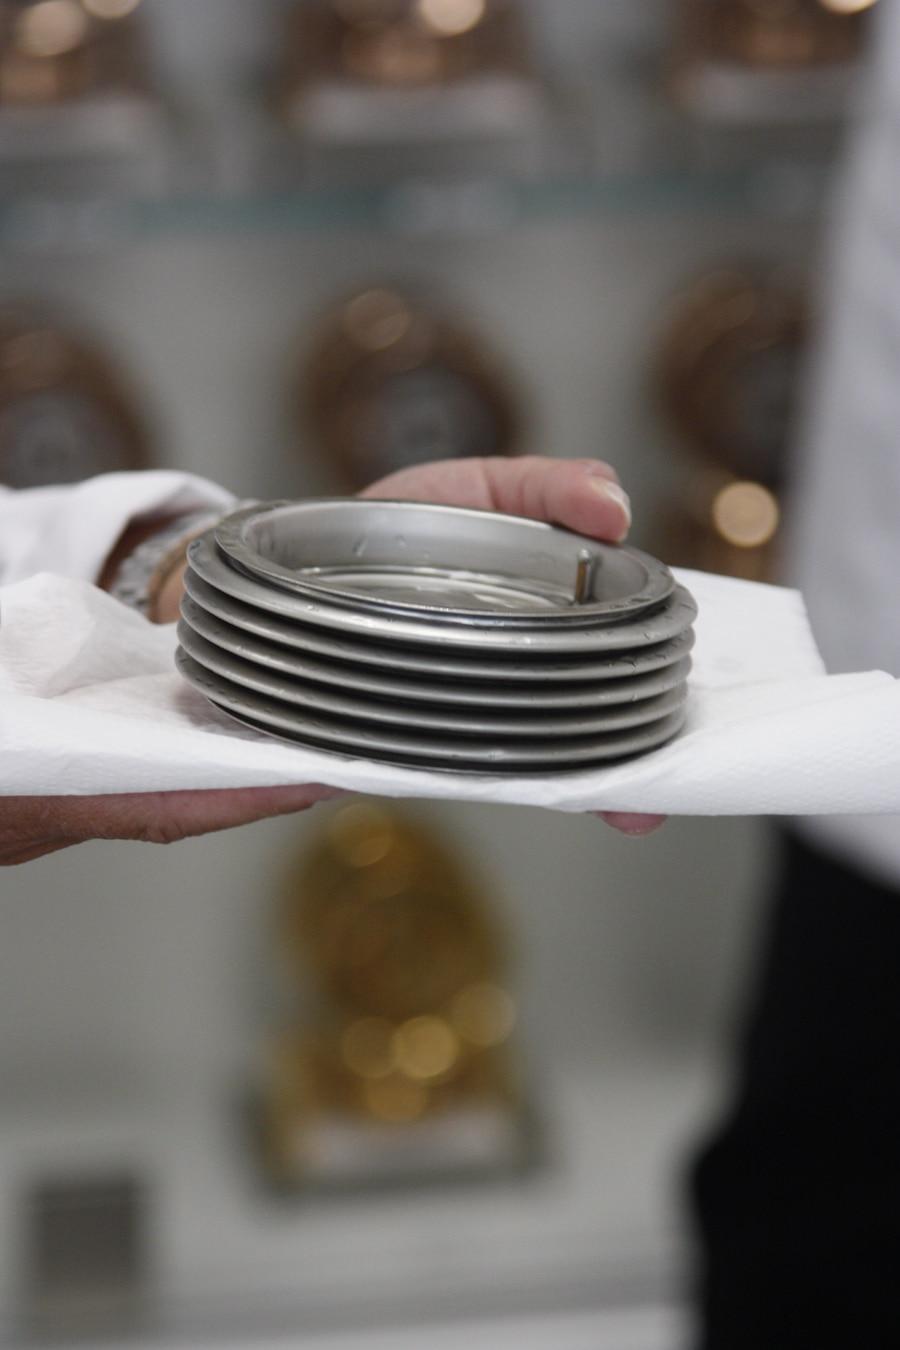 Diese gasgefüllte Aneroiddose einer Atmos-Uhr reagiert so empfindlich auf Temperaturschwankungen, dass ein Grad Unterschied zu 24 Stunden Gangdauer führen